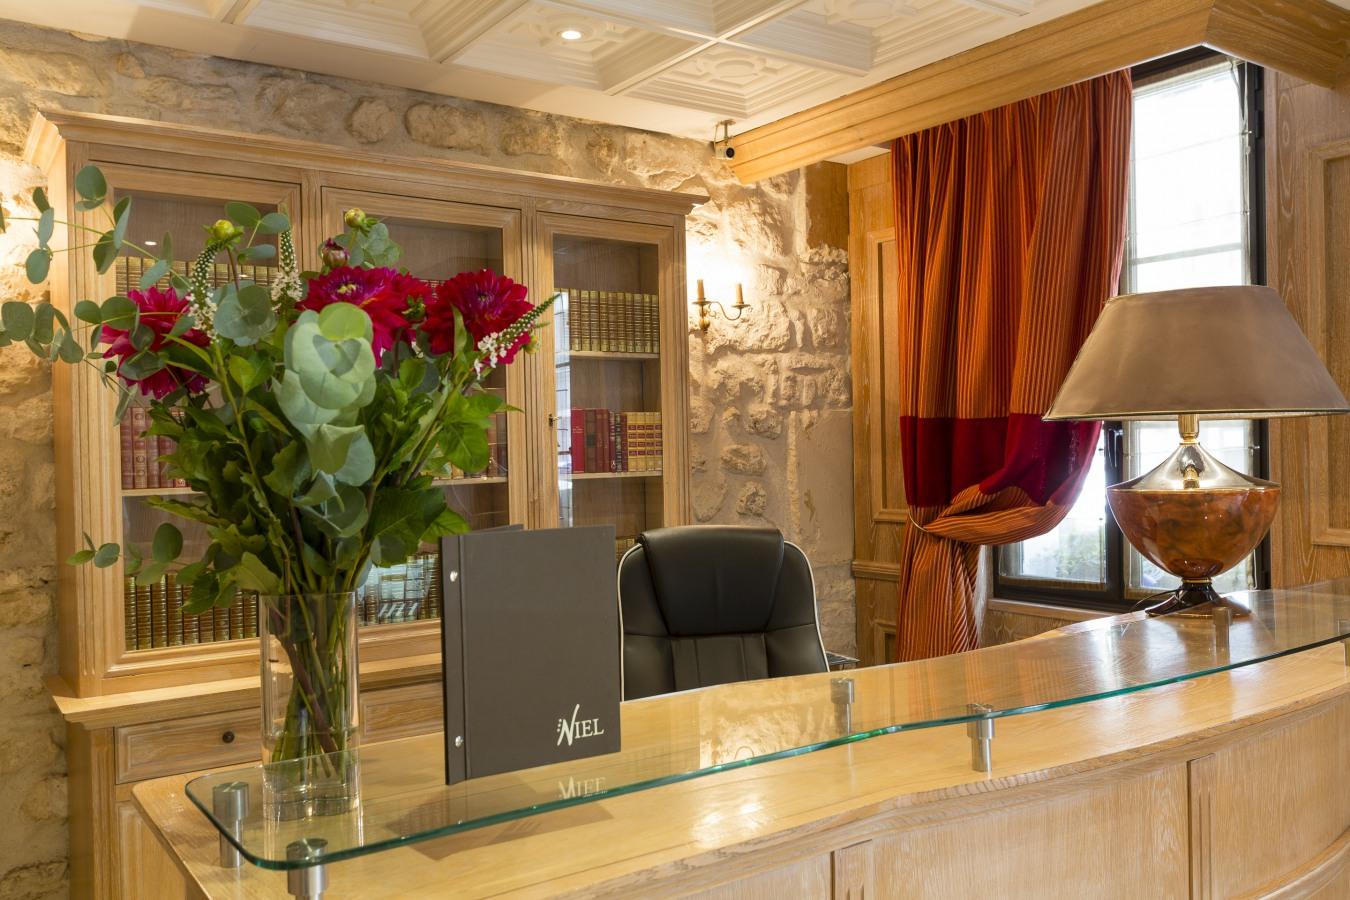 Hôtel Niel - ホテル